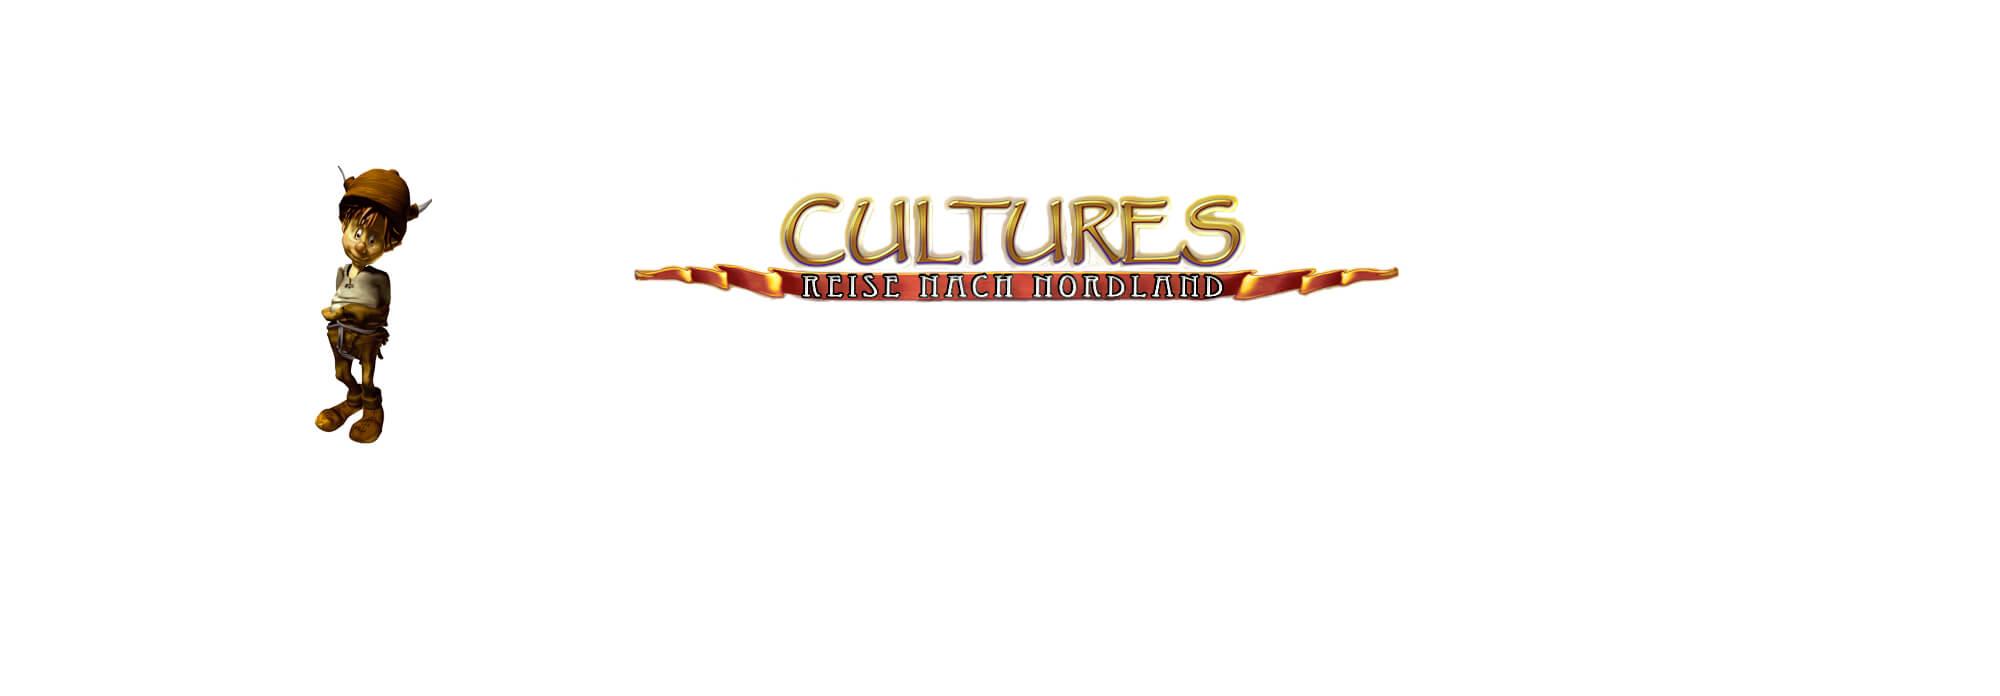 Cultures: Reise nach Nordland (Bildrechte: Runesoft)